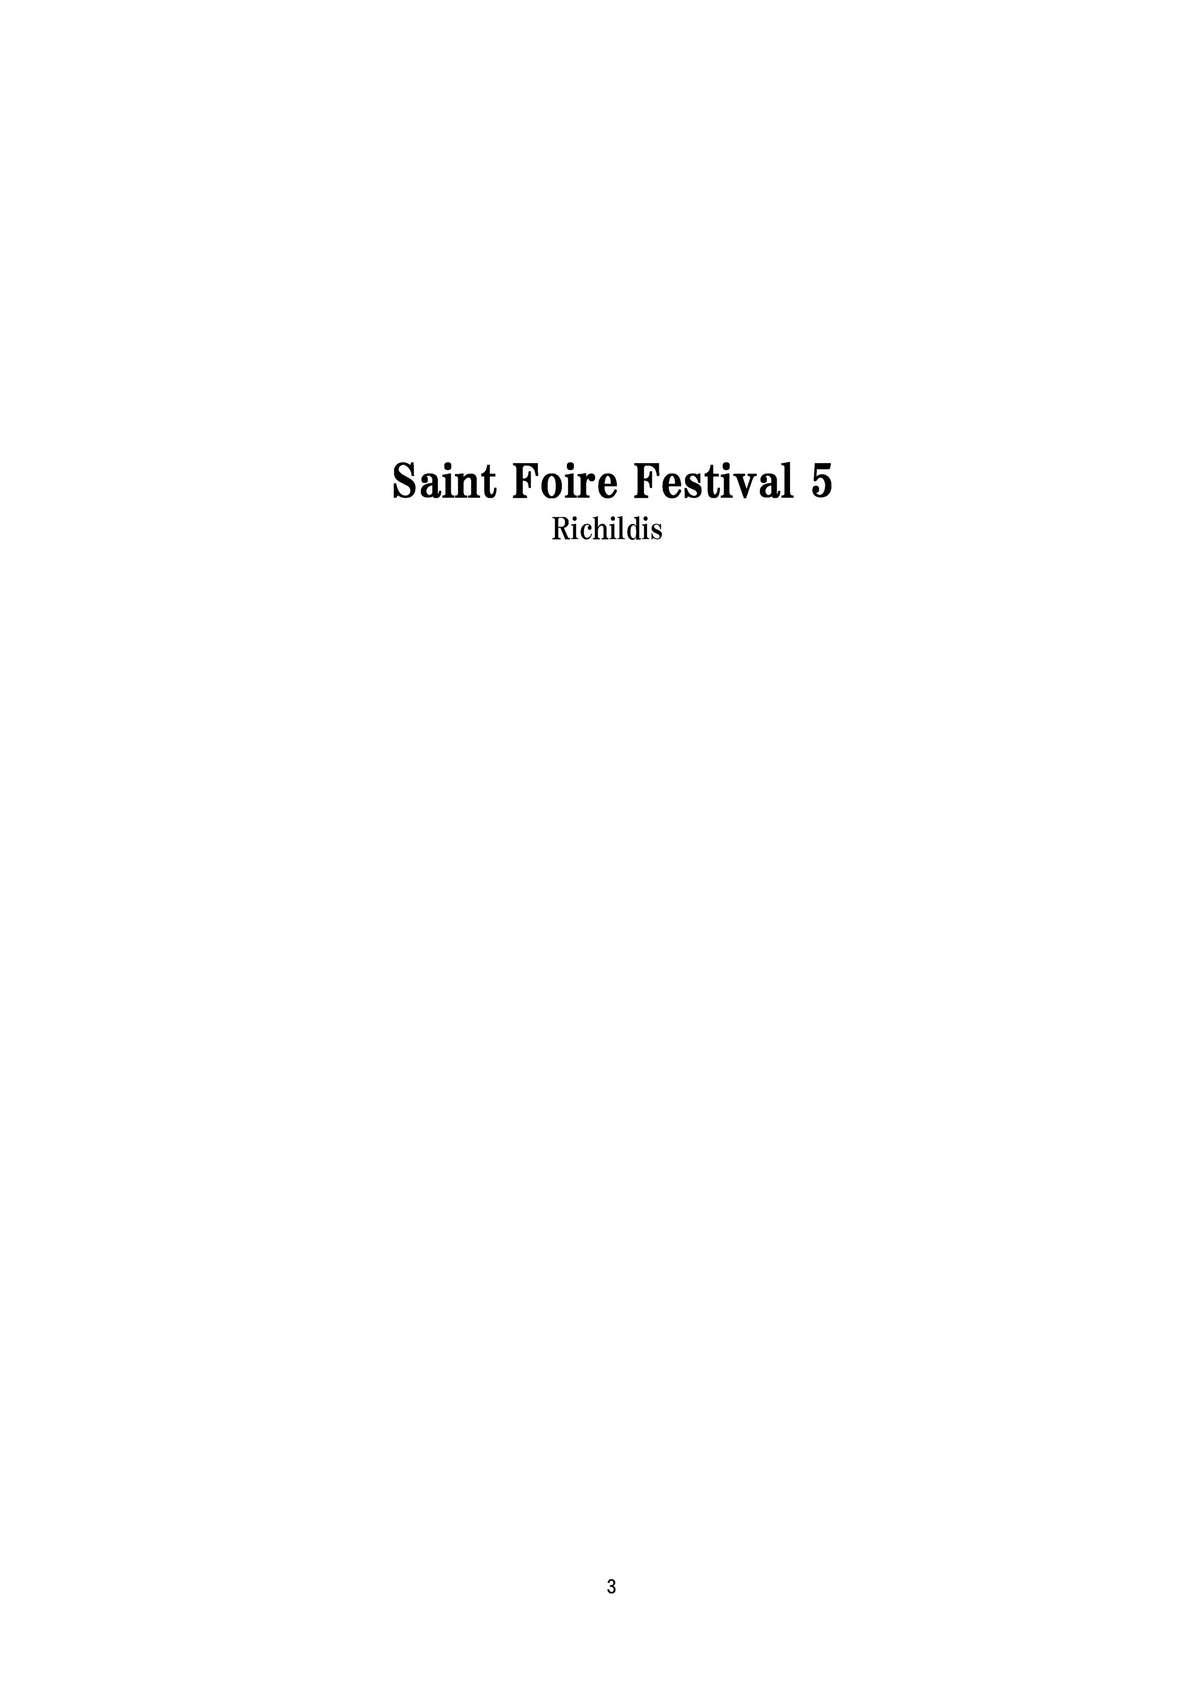 (C80) [Toko-ya (HEIZO, Kitoen)] Saint Foire Festival 5 (DL) [English] V2.0 1